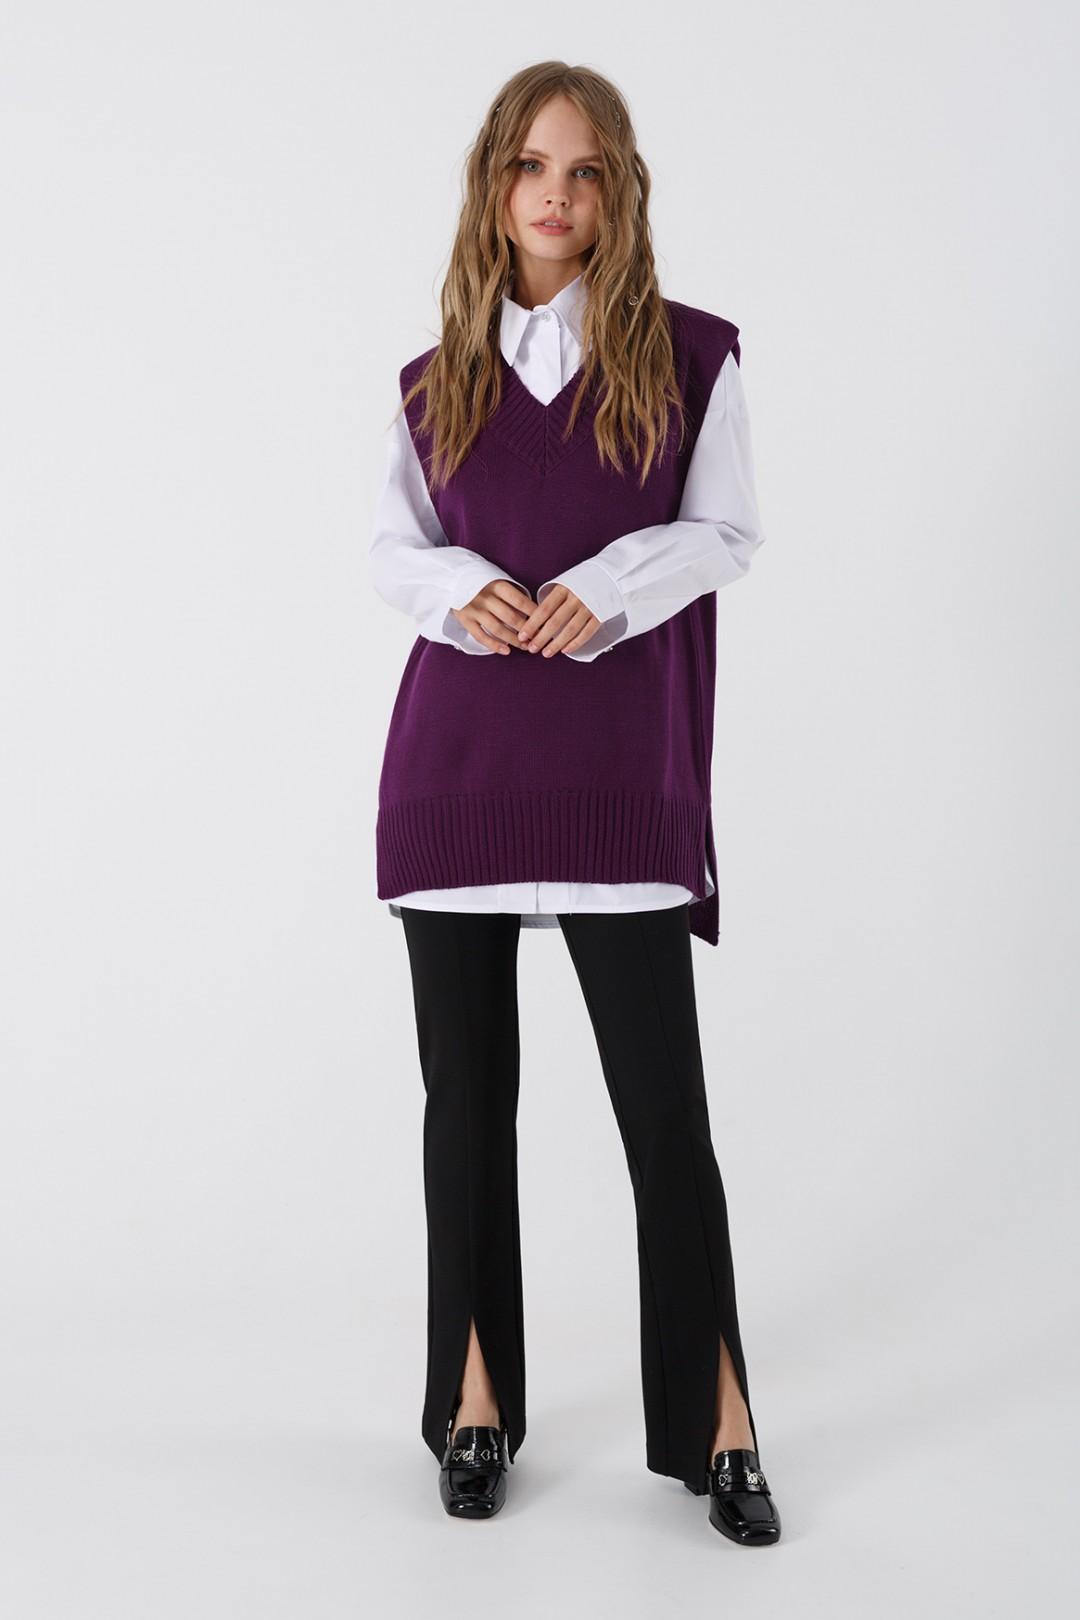 Комплект Pirs 3392 фиолетовый+ черный